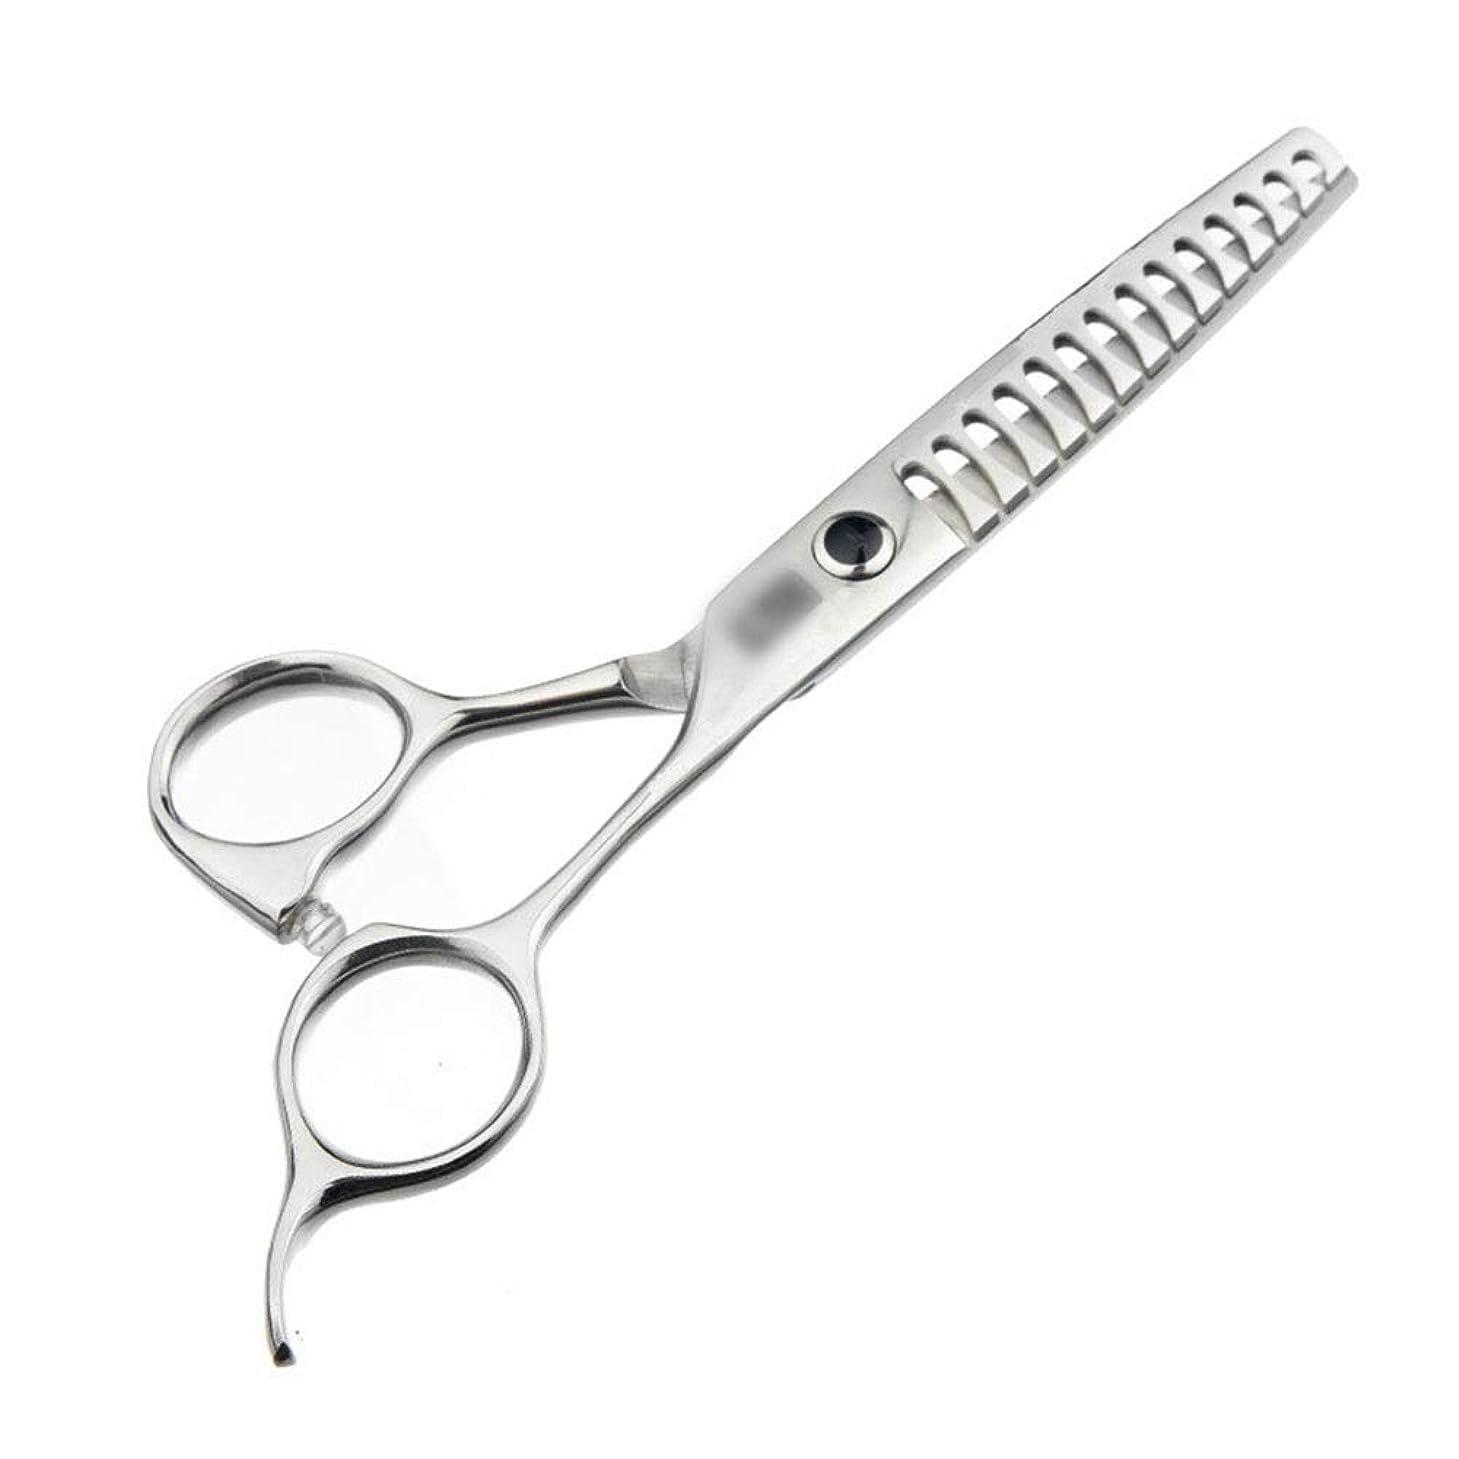 伝統公平な汚れる6インチハイエンド理髪はさみ、歯なしはさみ、魚骨はさみ モデリングツール (色 : Silver)